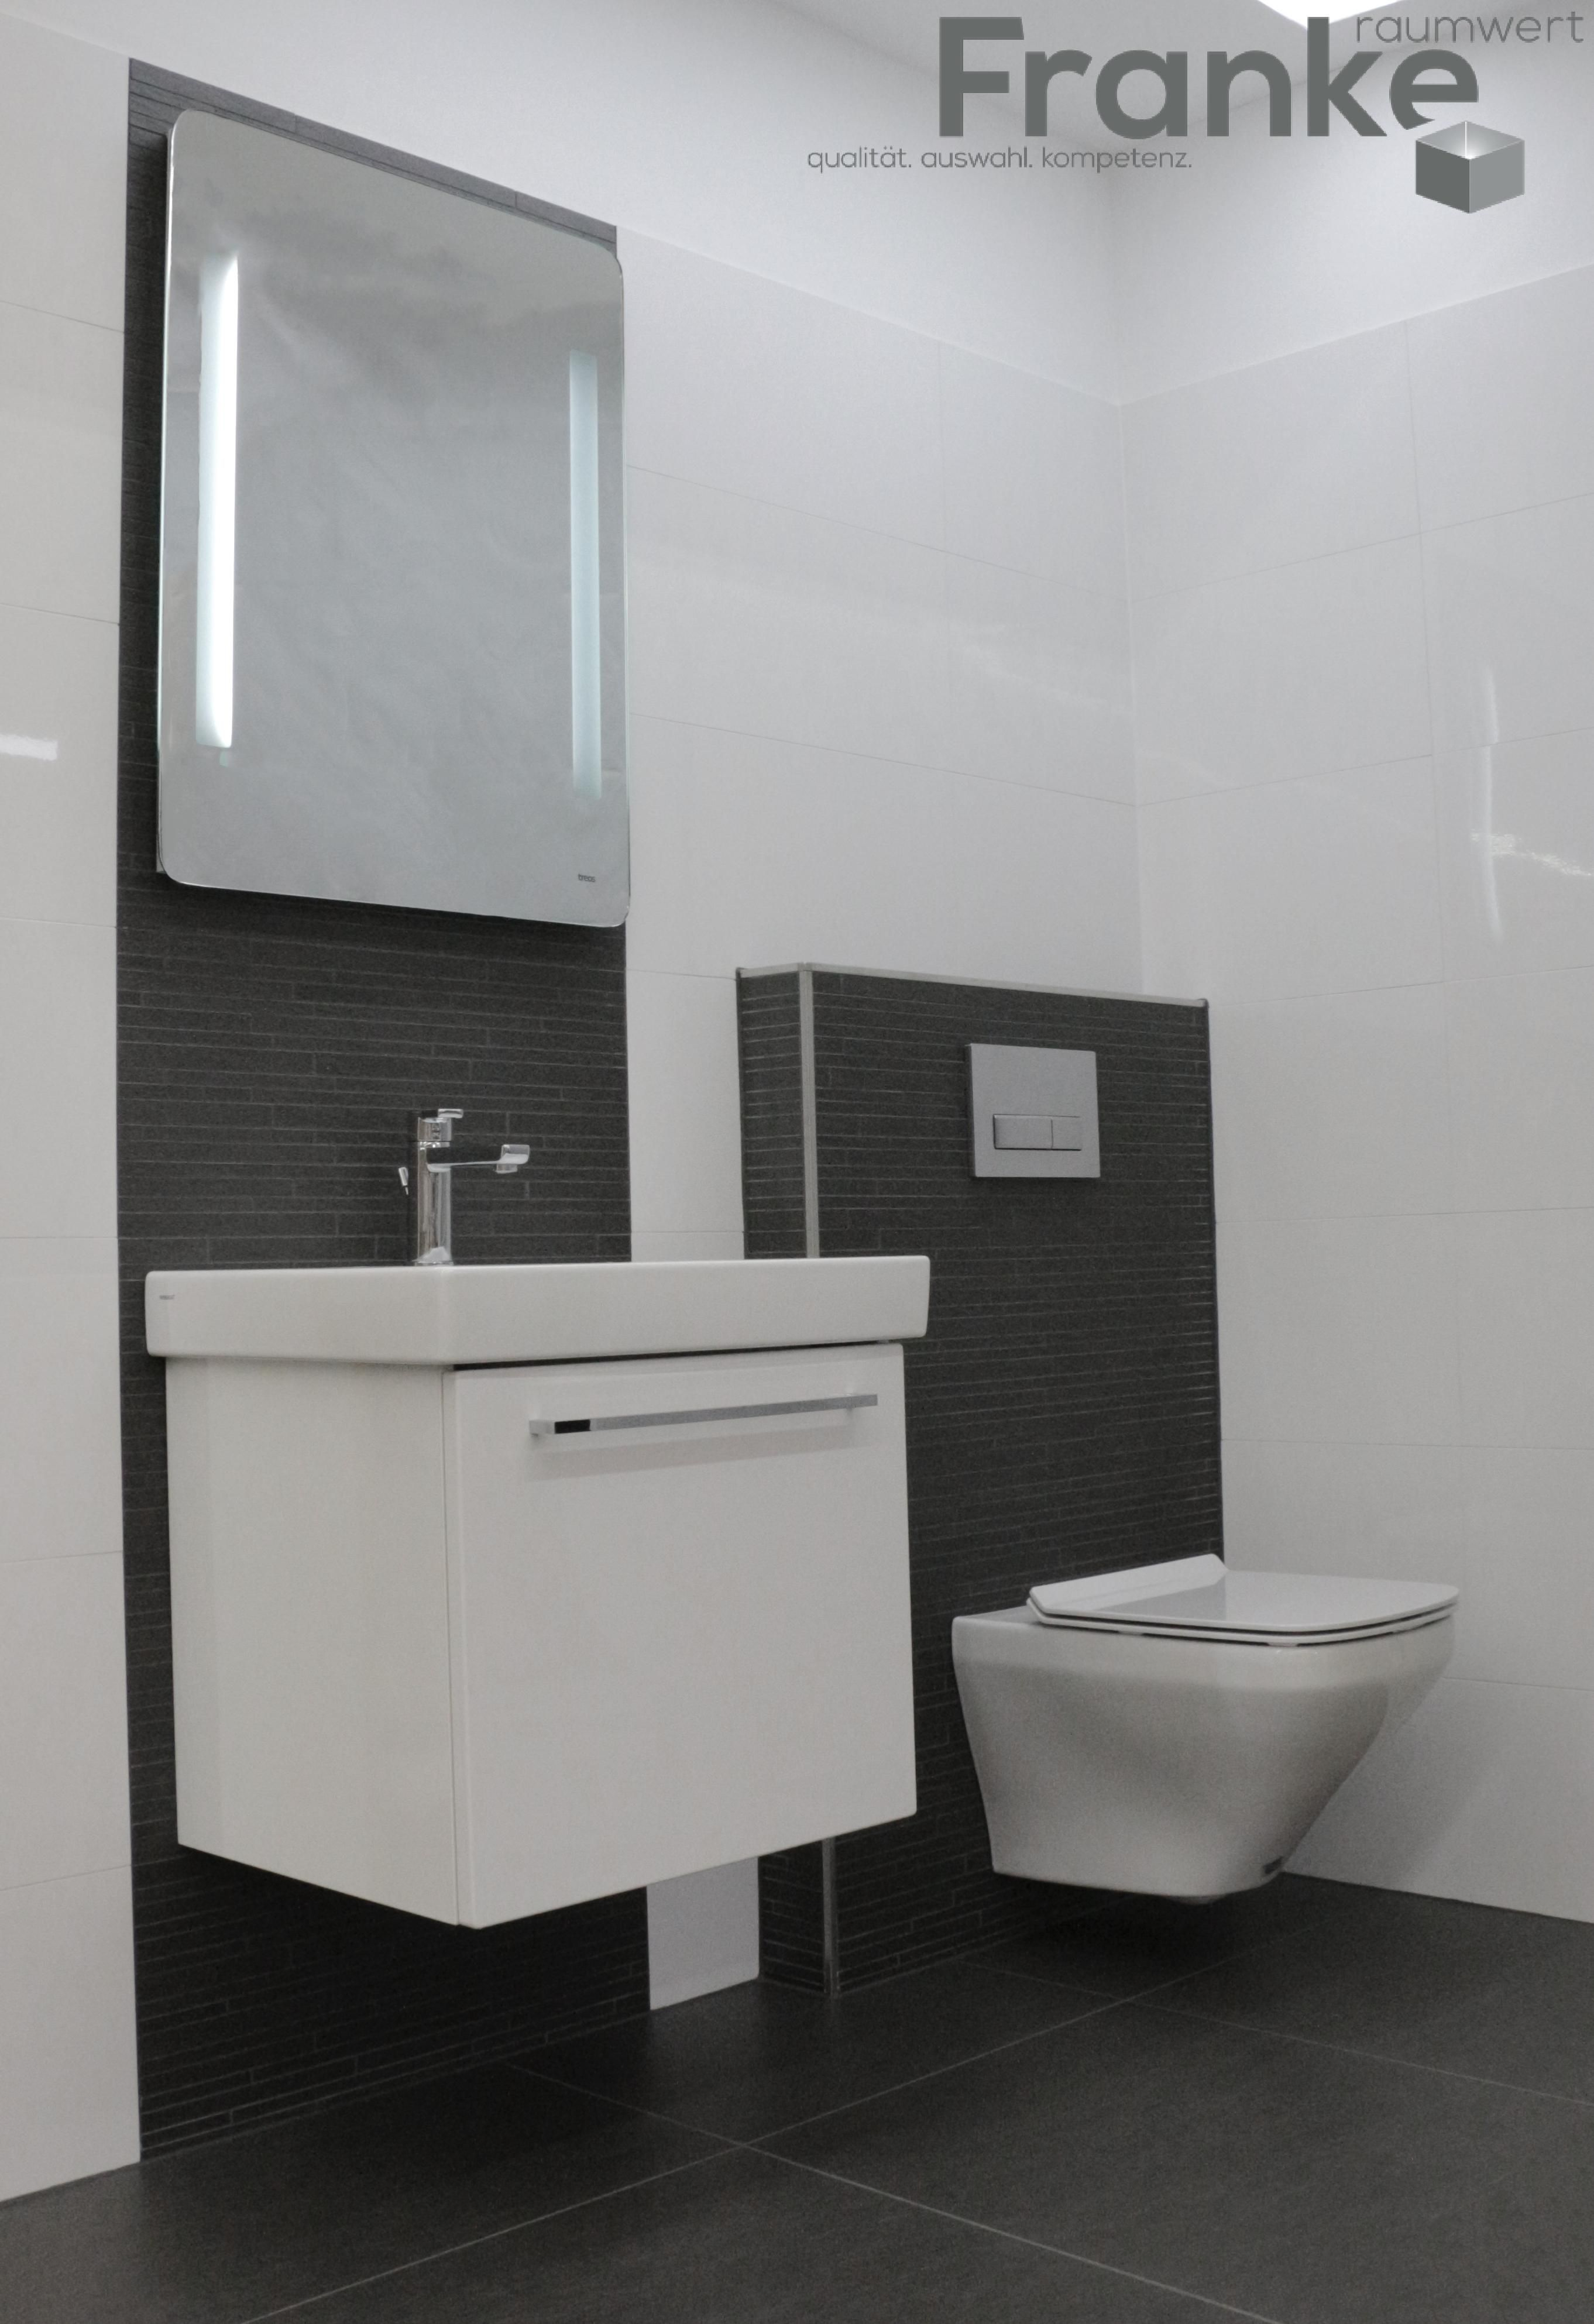 Klassischer Schwarz-Weiß Look zeitgemäß und langlebig. Weiß ...